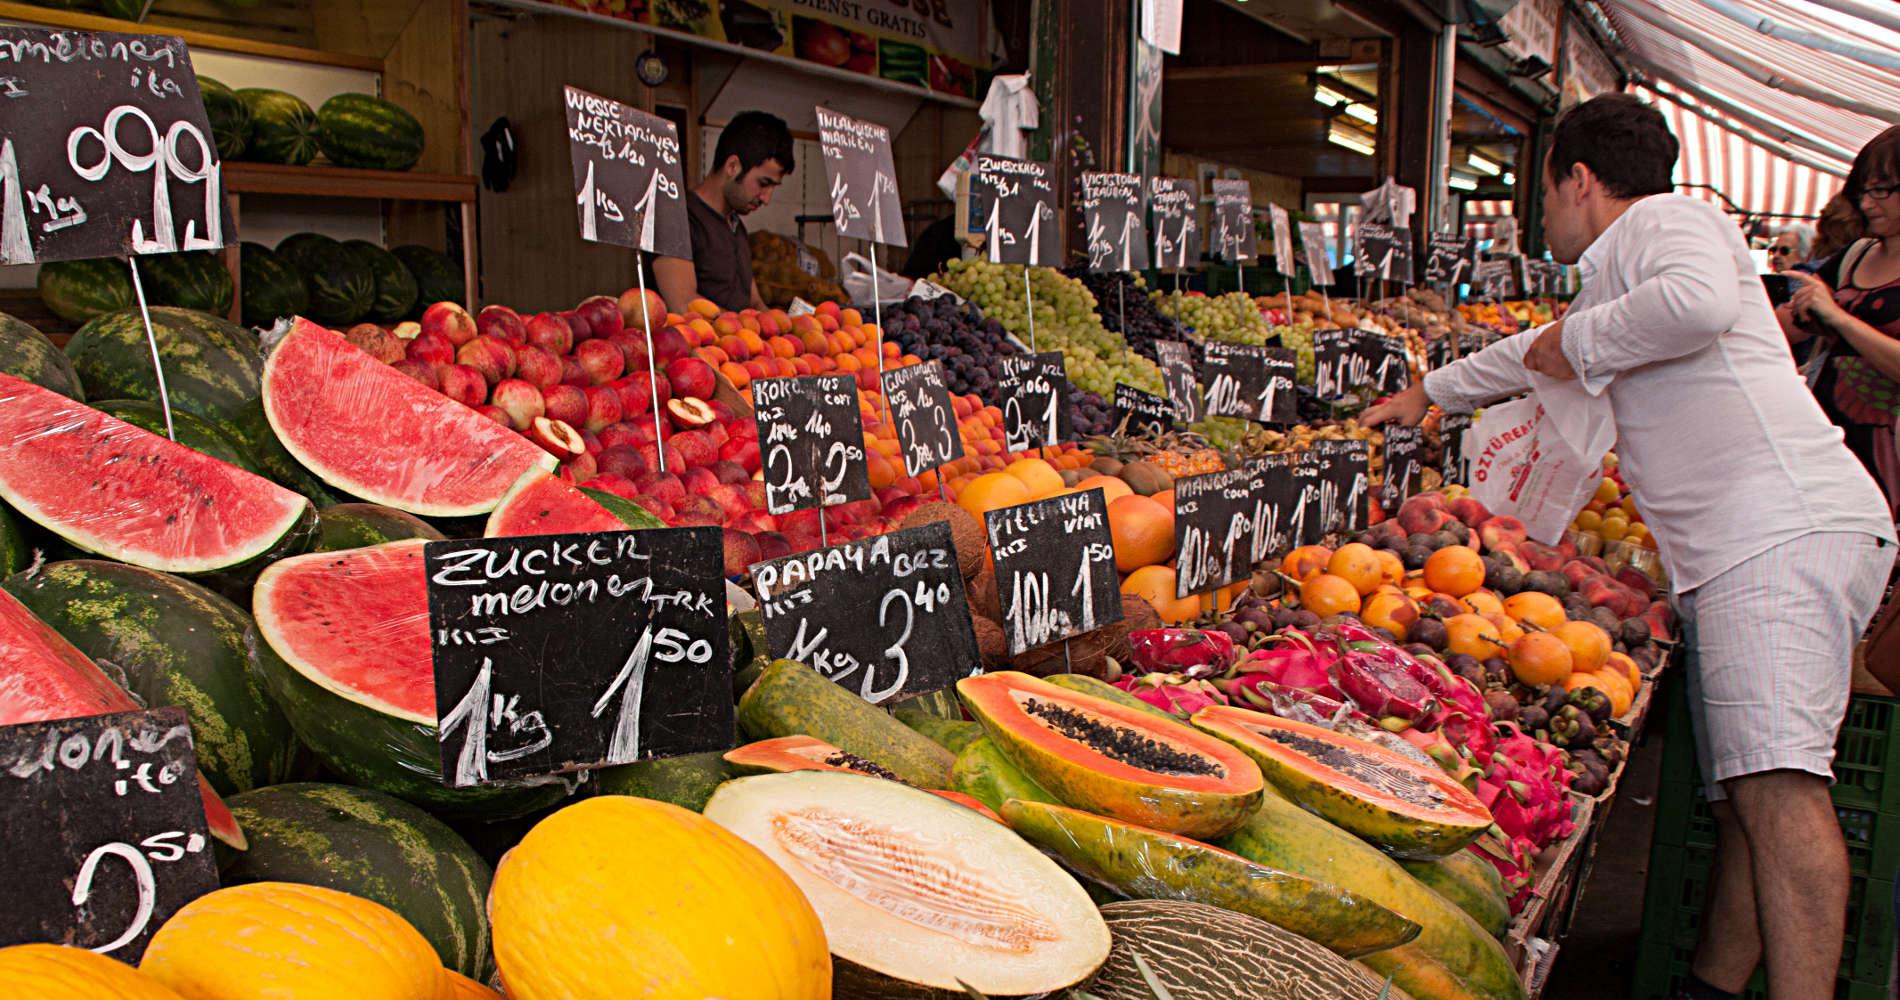 Obststand auf dem Naschmarkt von Wien